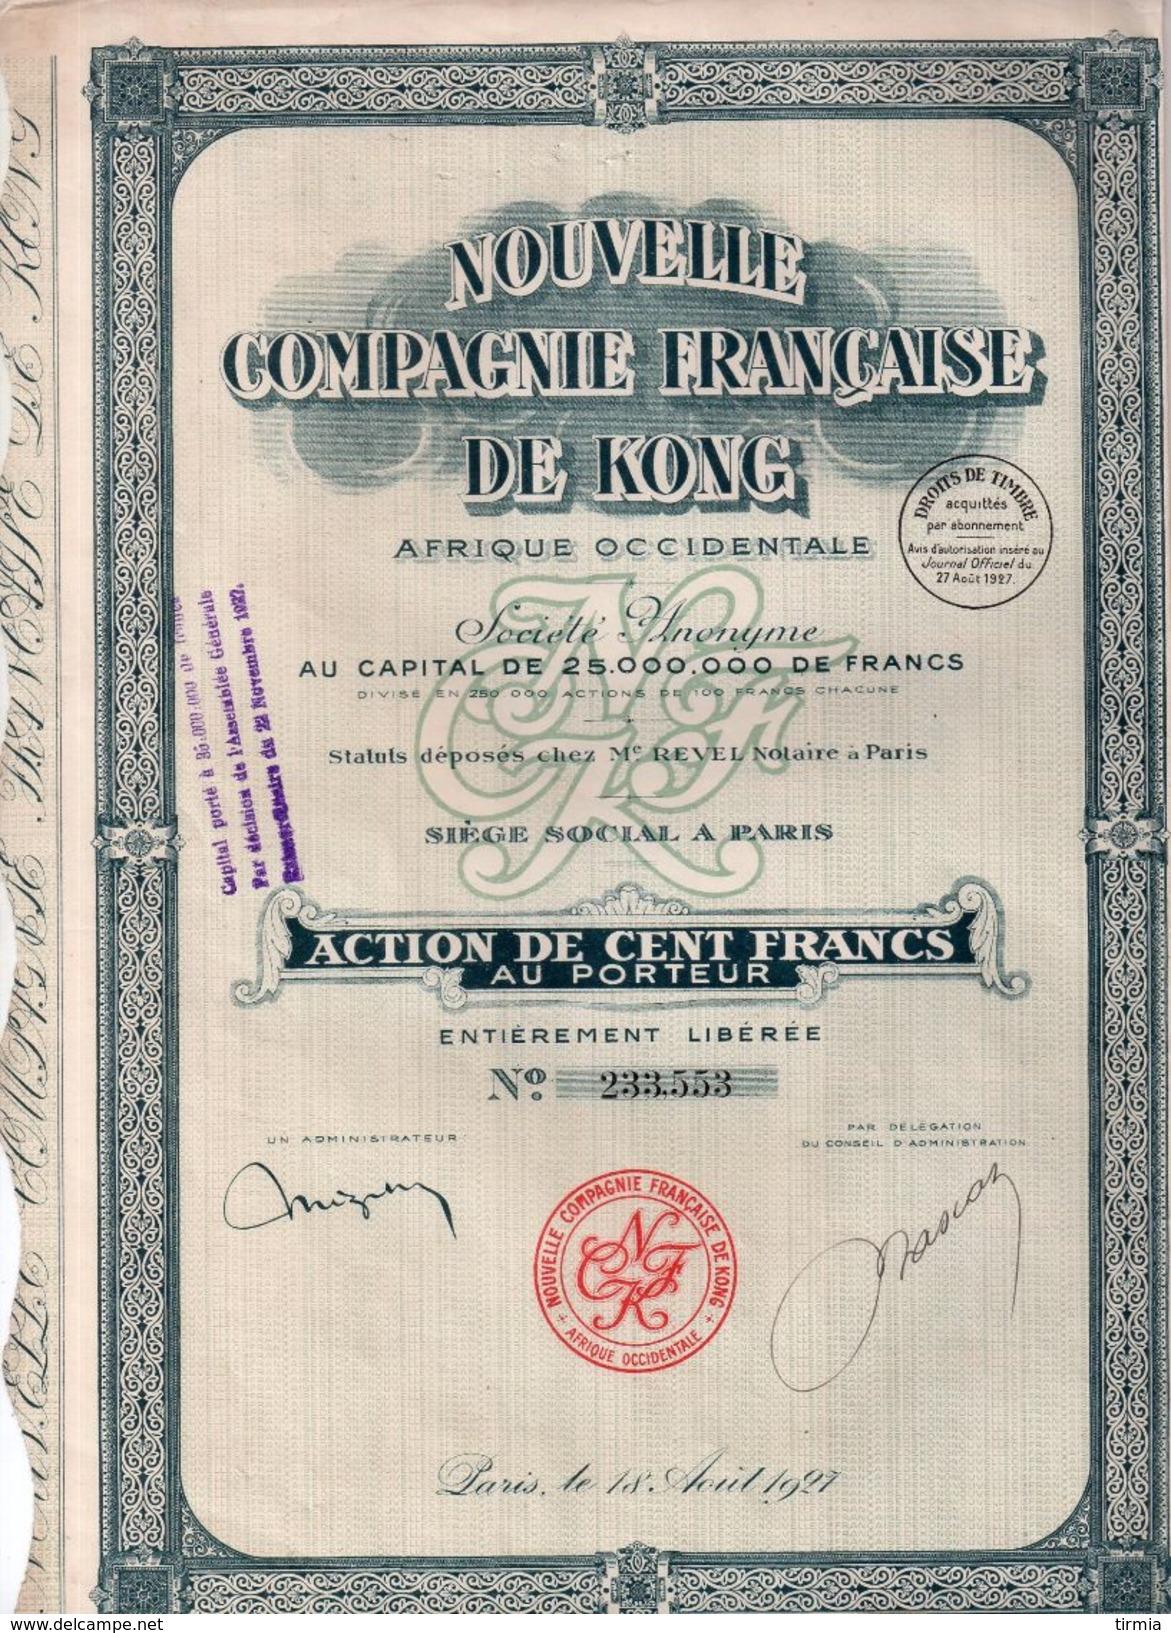 Nouvelle Compagnie Française De Kong - 1927 - Textile